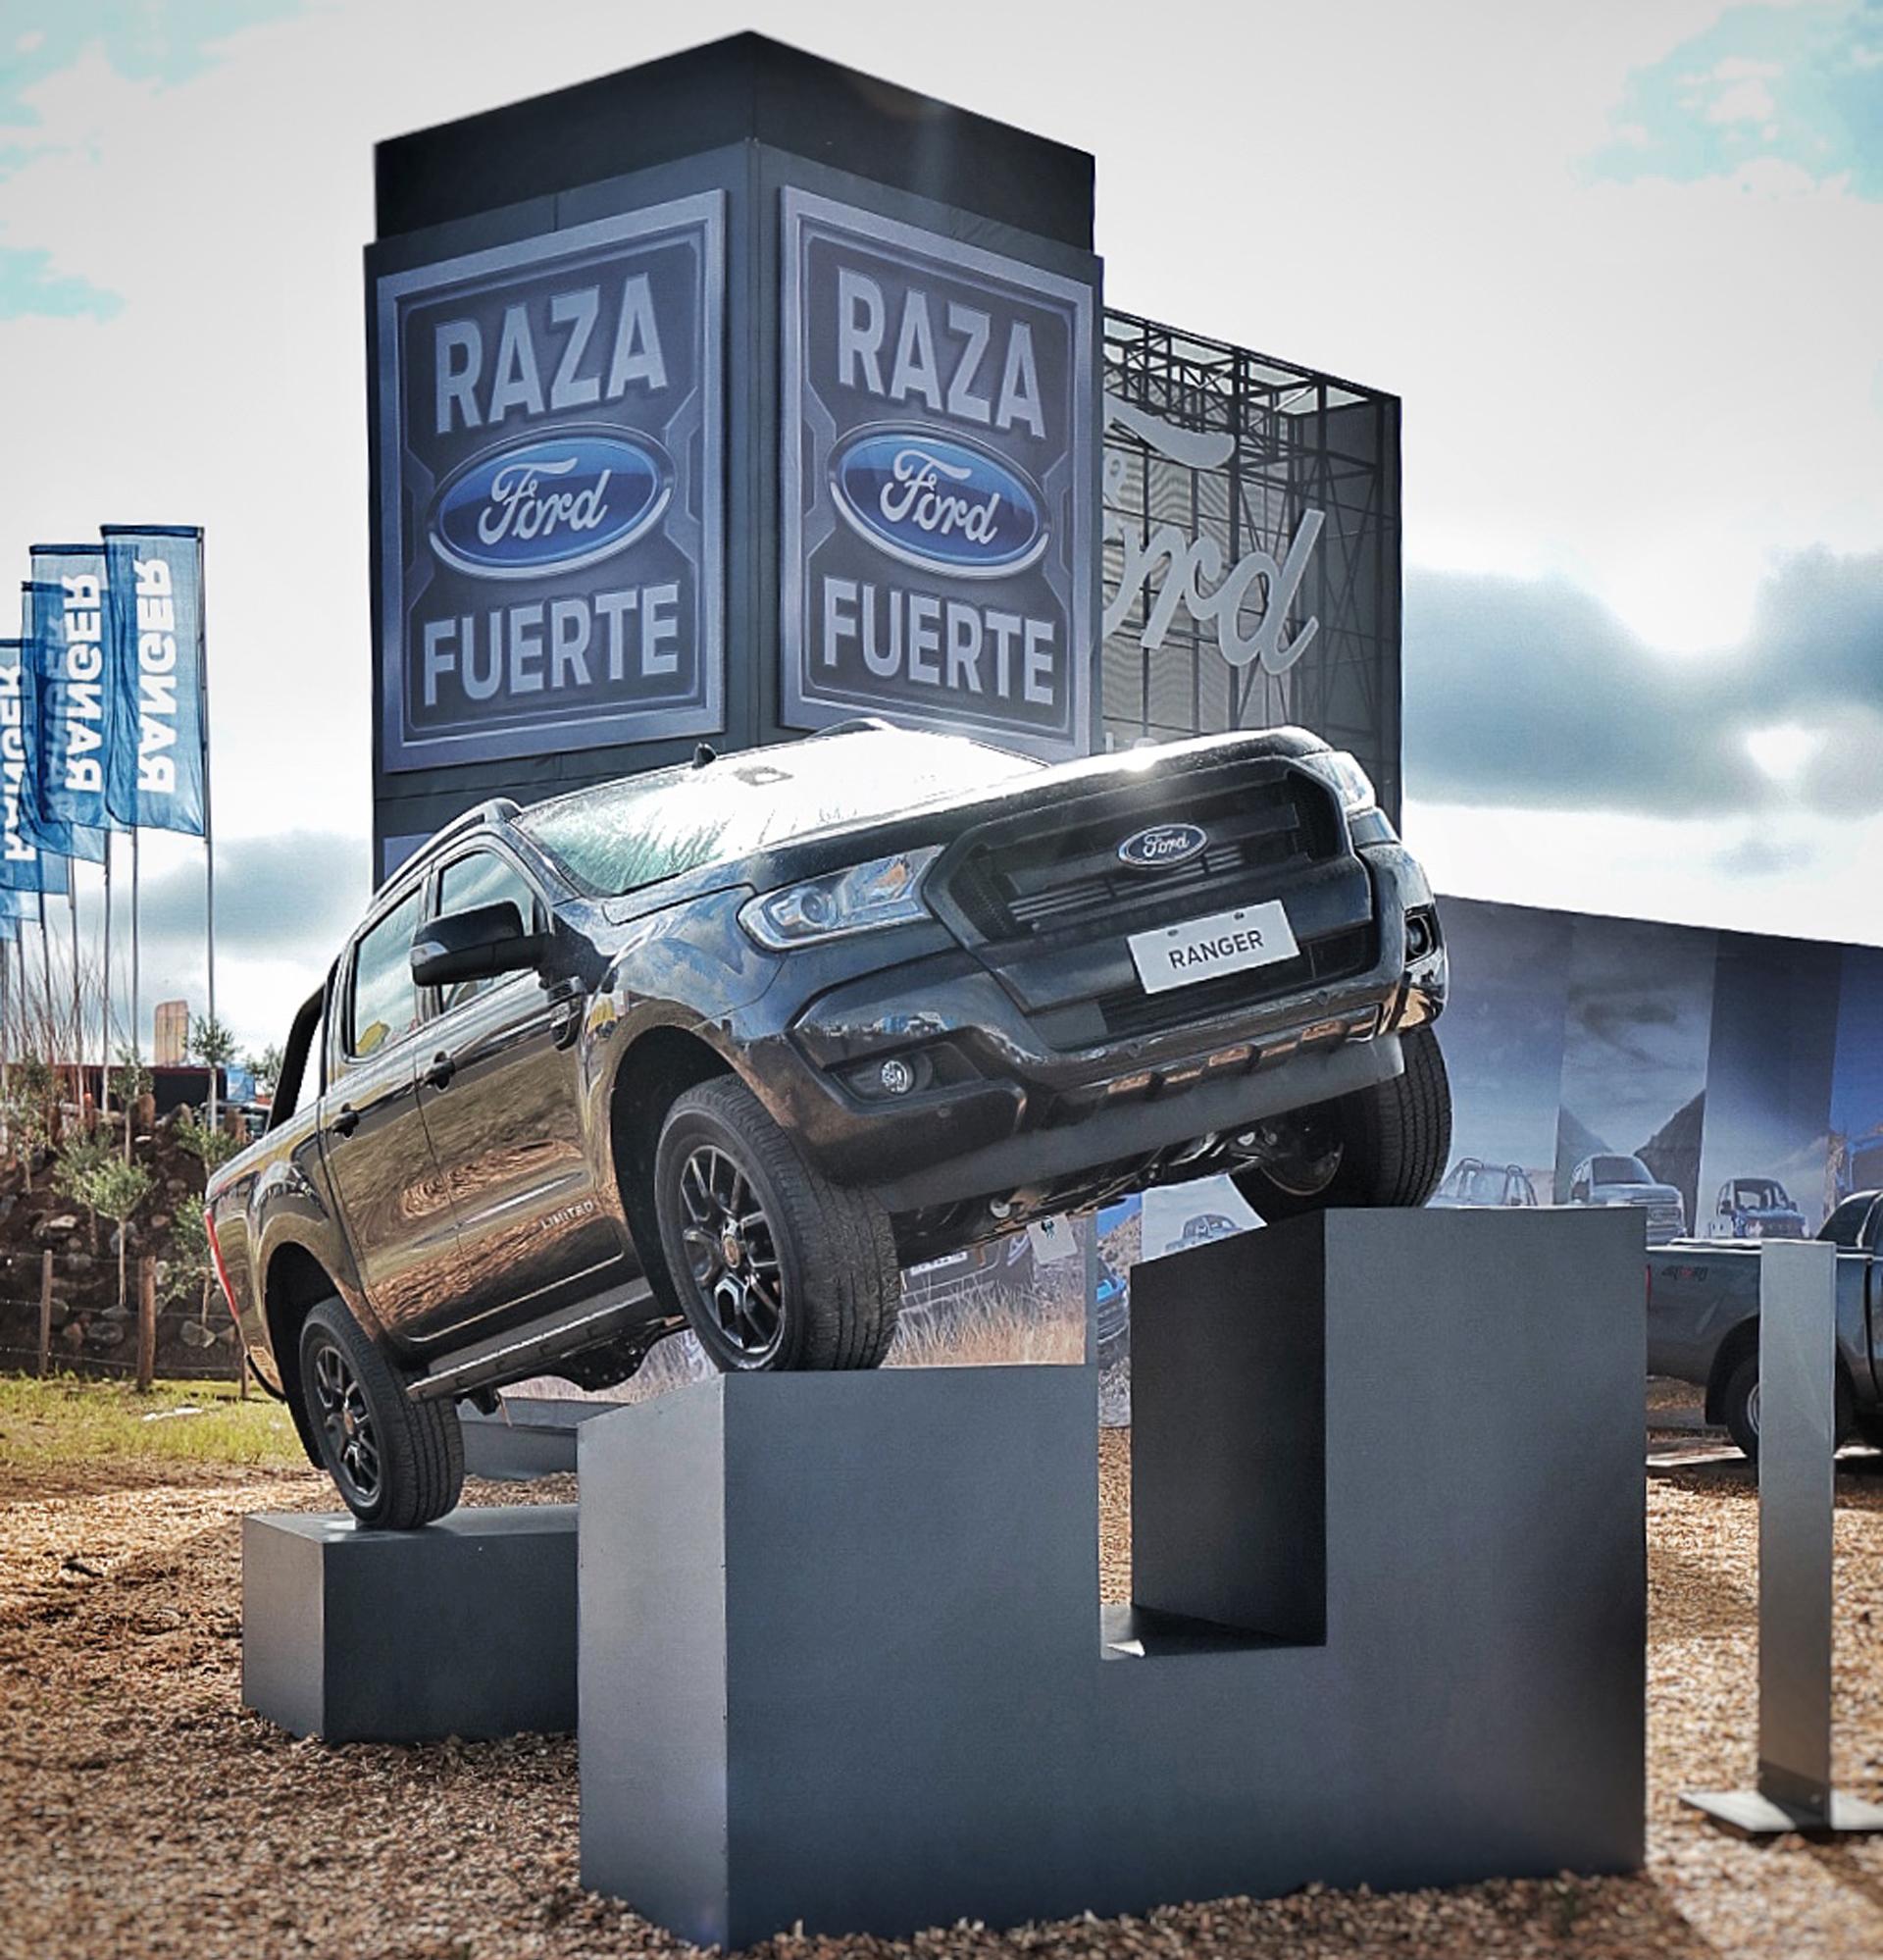 """El espacio cuenta con atención al público, servicio de postventa, información comercial y una pista de pruebas off-road en la que se pueden testear los vehículos exponentes de la """"Raza Fuerte"""""""